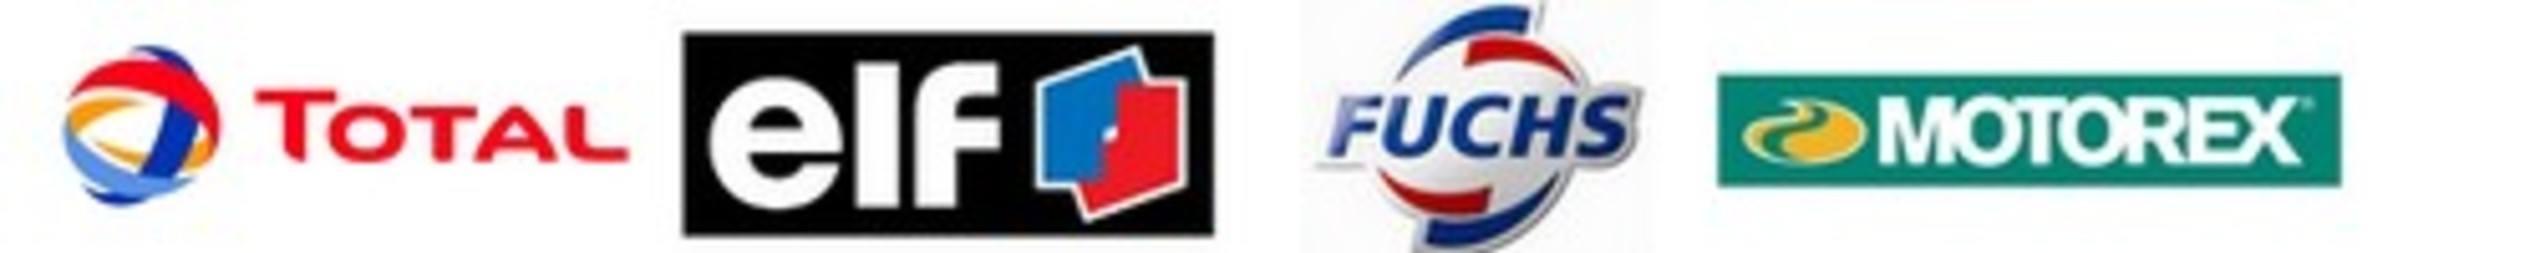 Vidange - Total, elf, Fuchs, Motorex